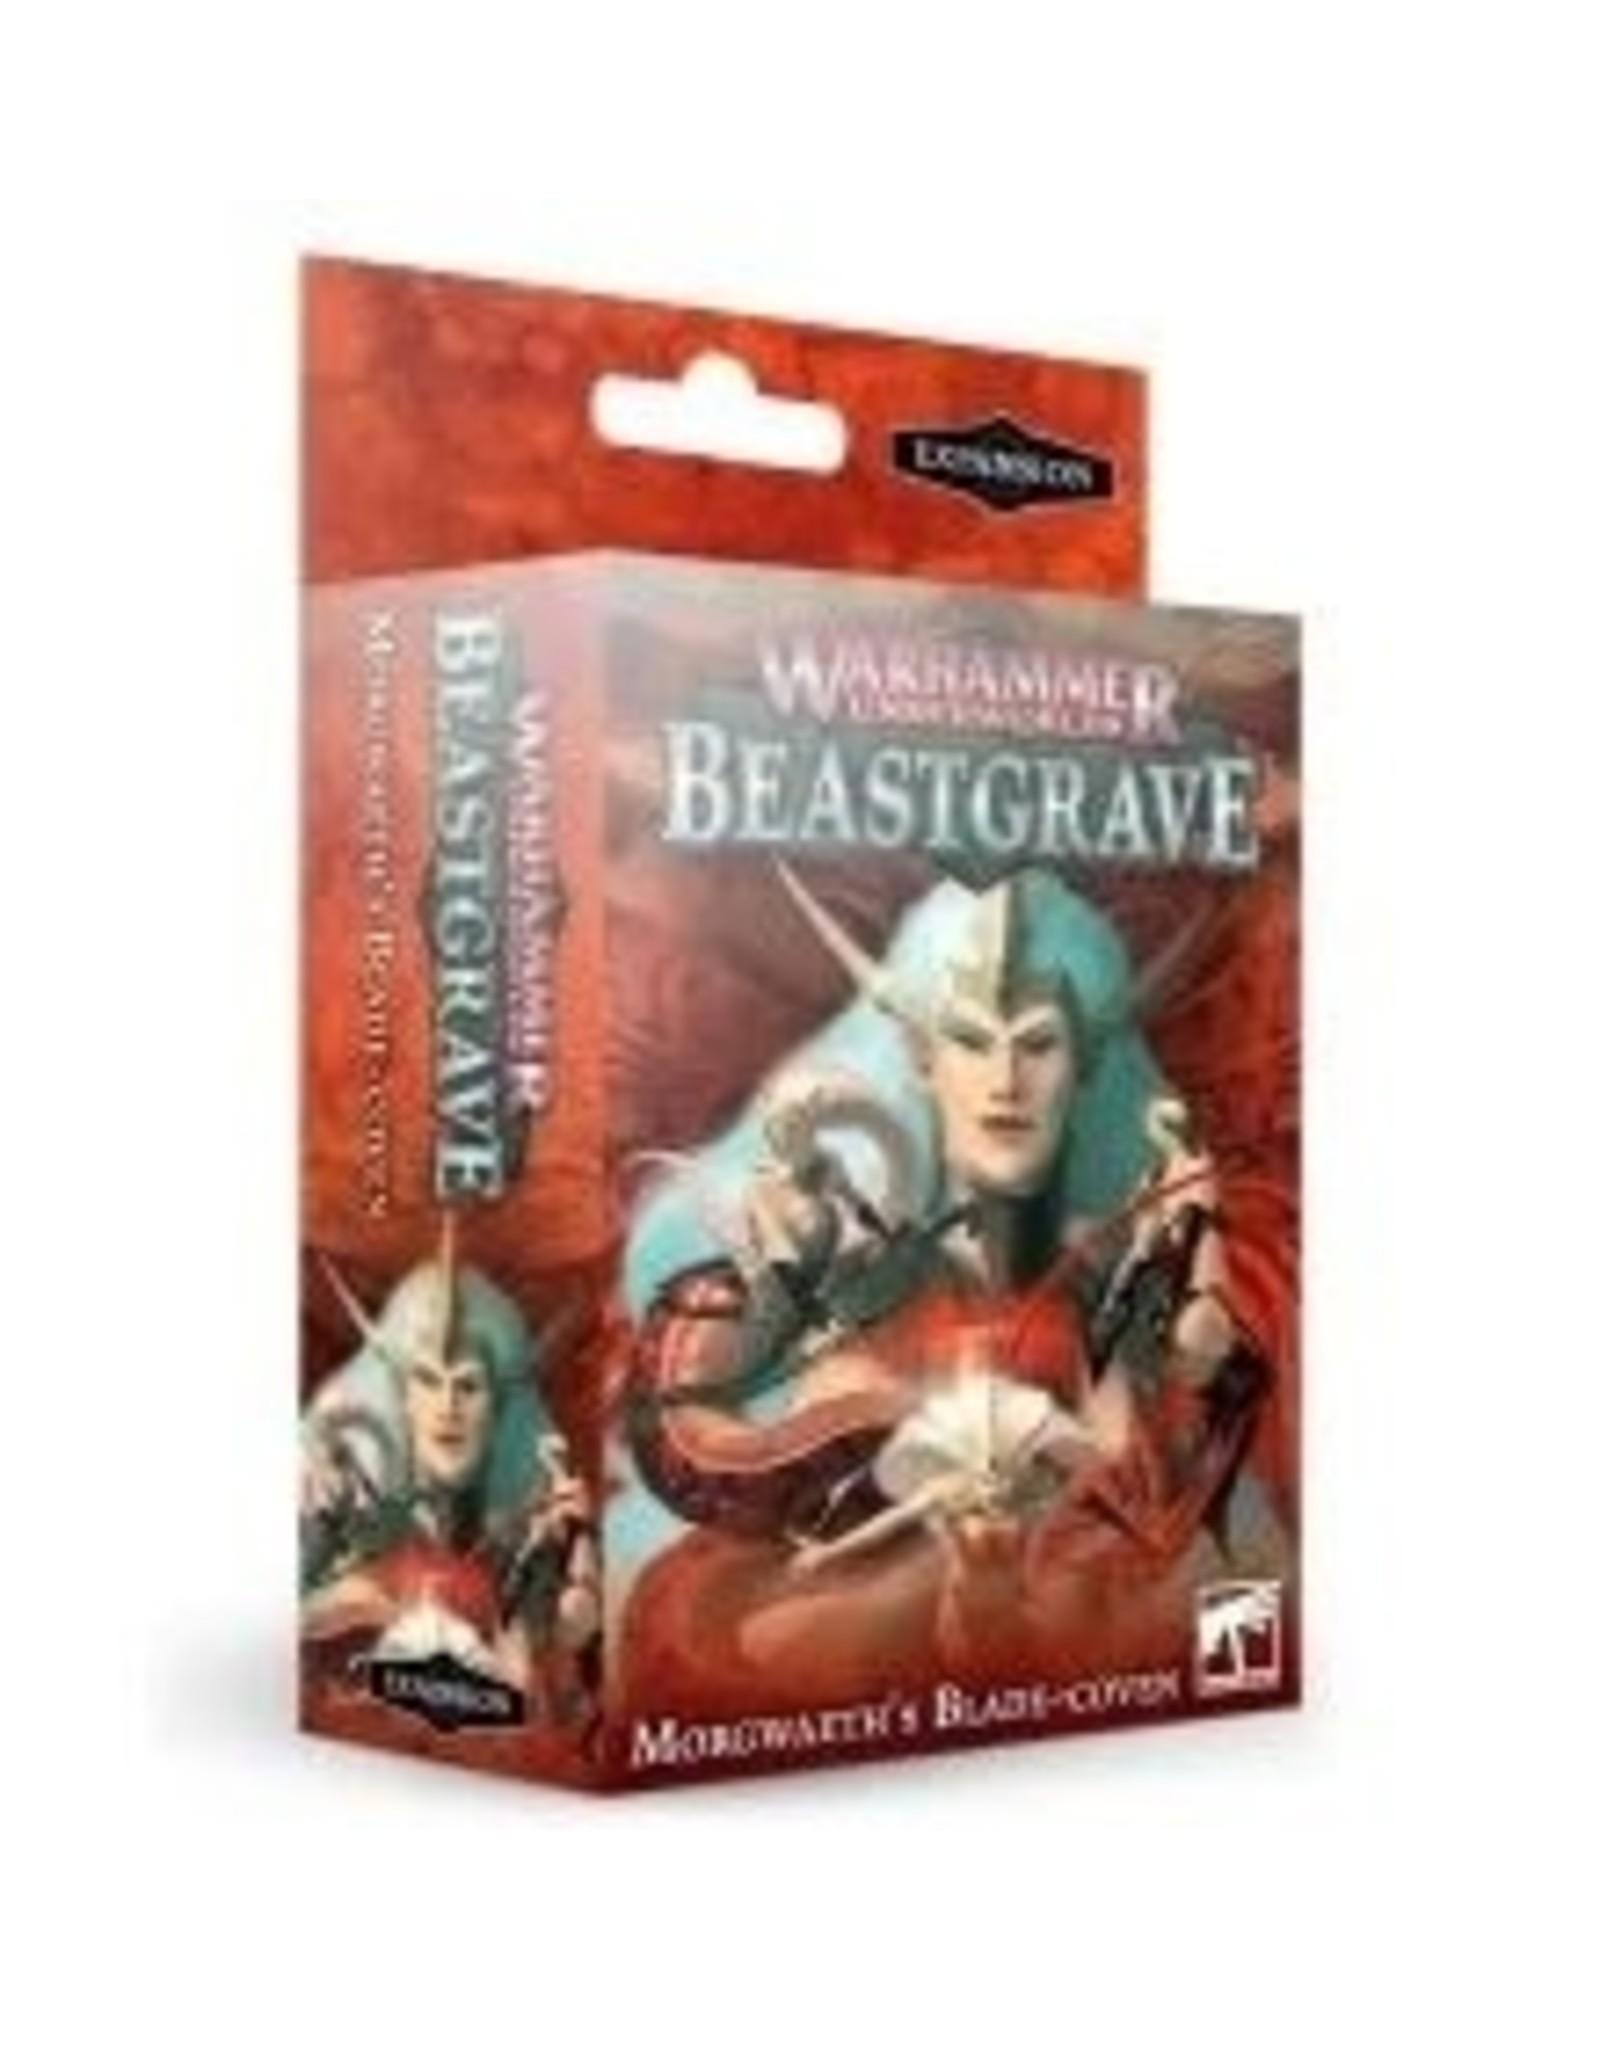 Games Workshop Warhammer Underworlds: Beastgrave - Morgwaeth's Blade-coven